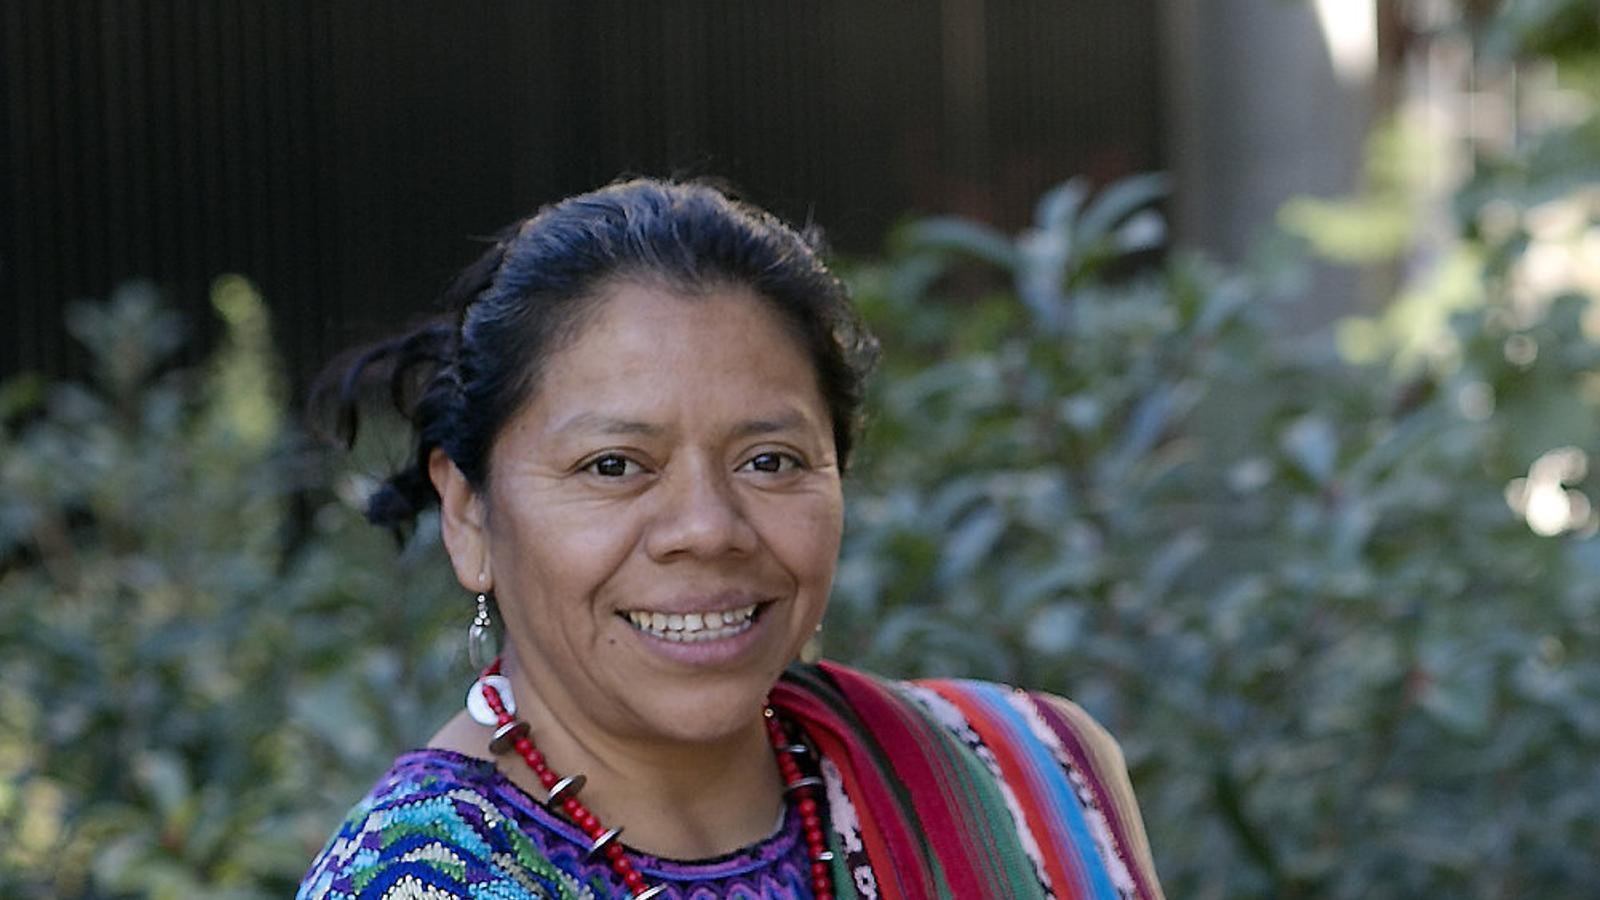 Lolita Chávez viu sota protecció internacional a Bilbao perquè l'estat de Guatemala no li garanteix la seguretat.